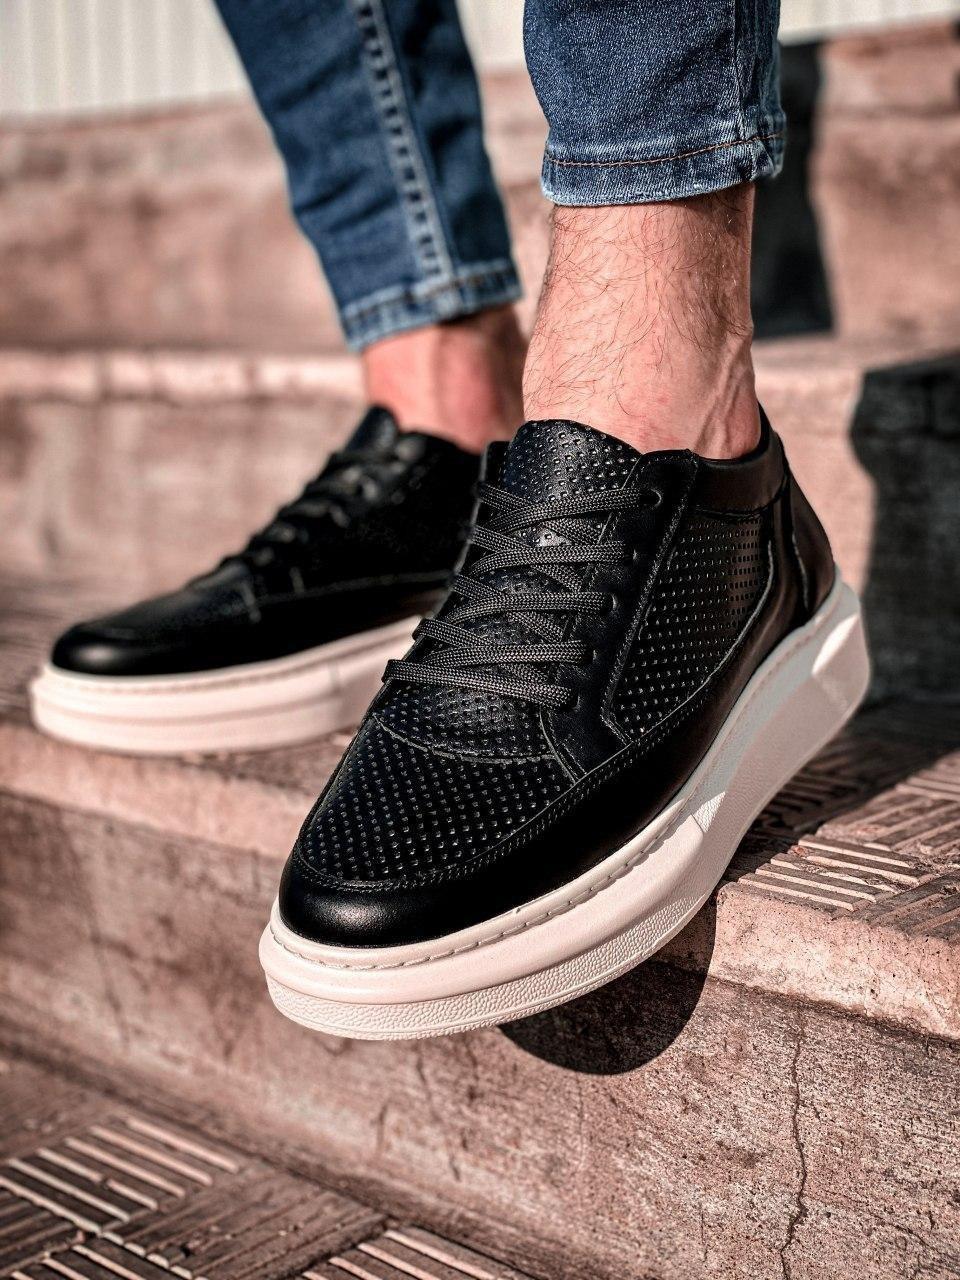 Мужские кроссовки перф кожаные черно-белые 6730